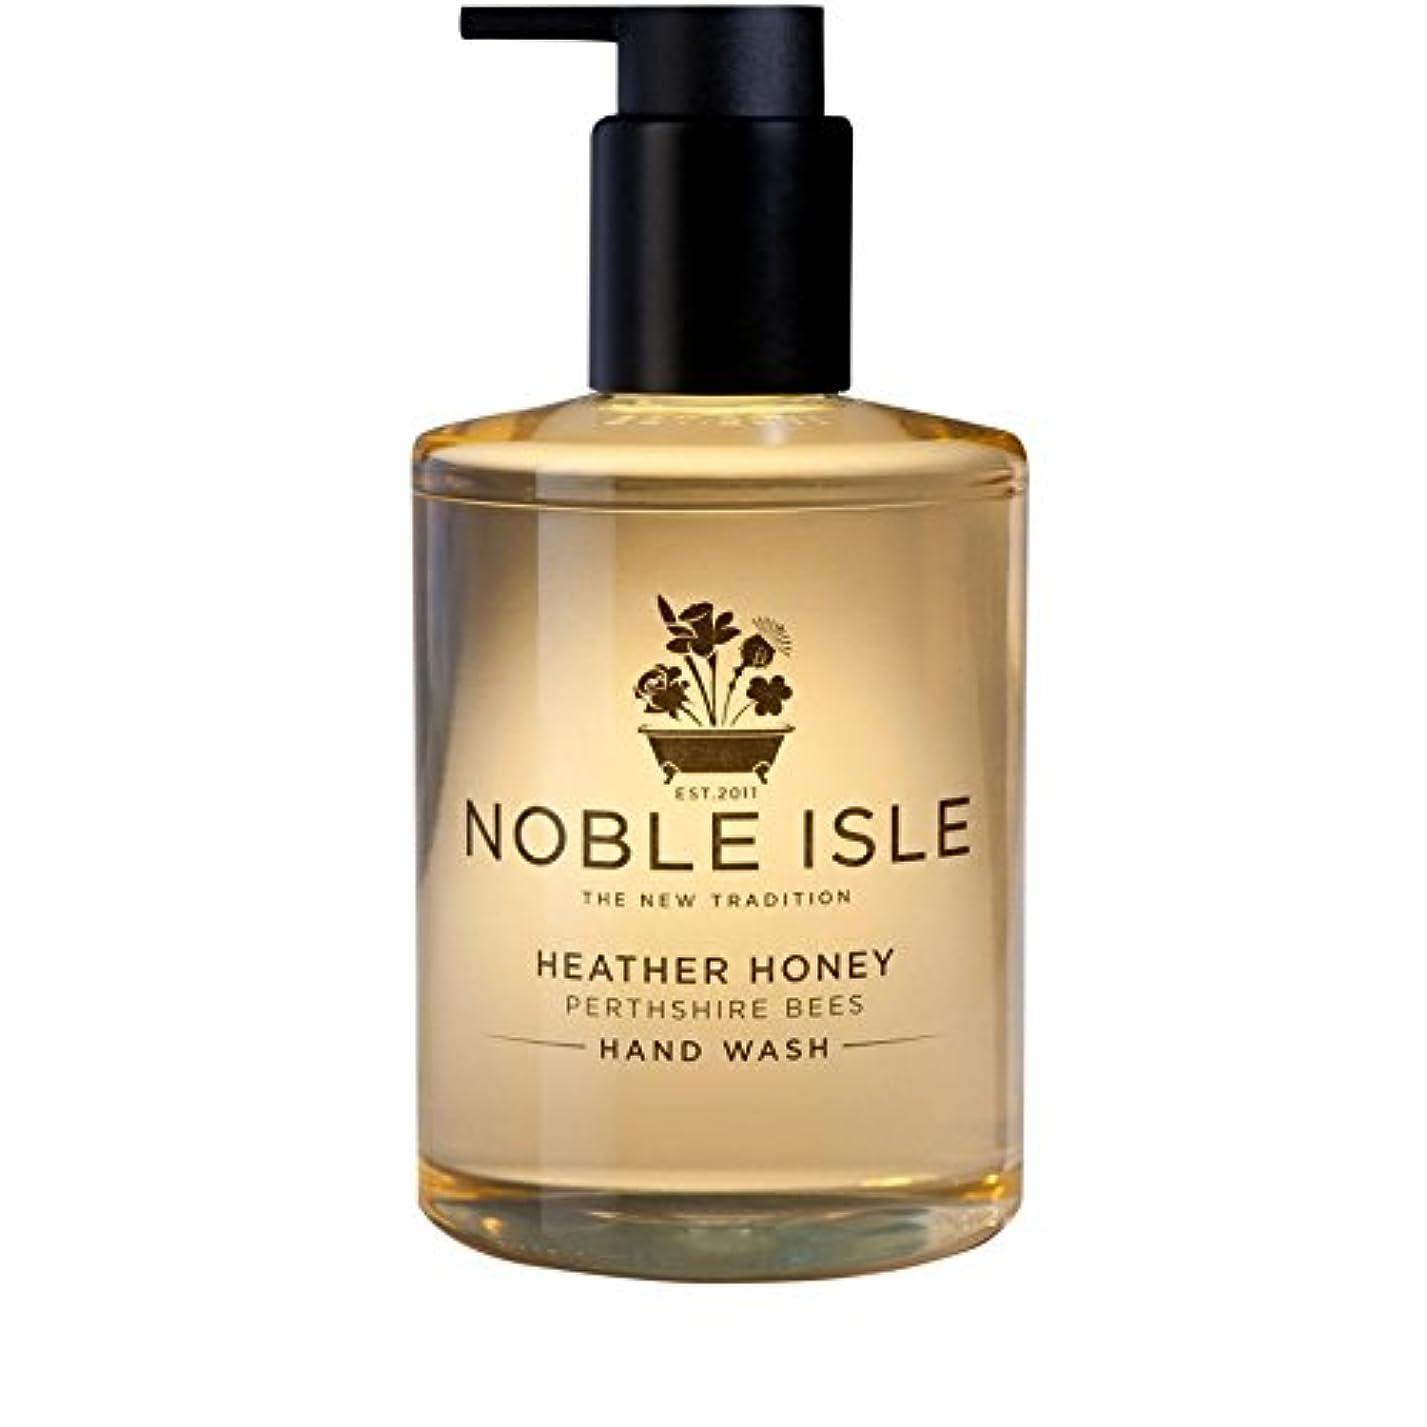 独特のケント支払うNoble Isle Heather Honey Perthshire Bees Hand Wash 250ml - 高貴な島杢蜂蜜パースシャー蜂のハンドウォッシュ250ミリリットル [並行輸入品]